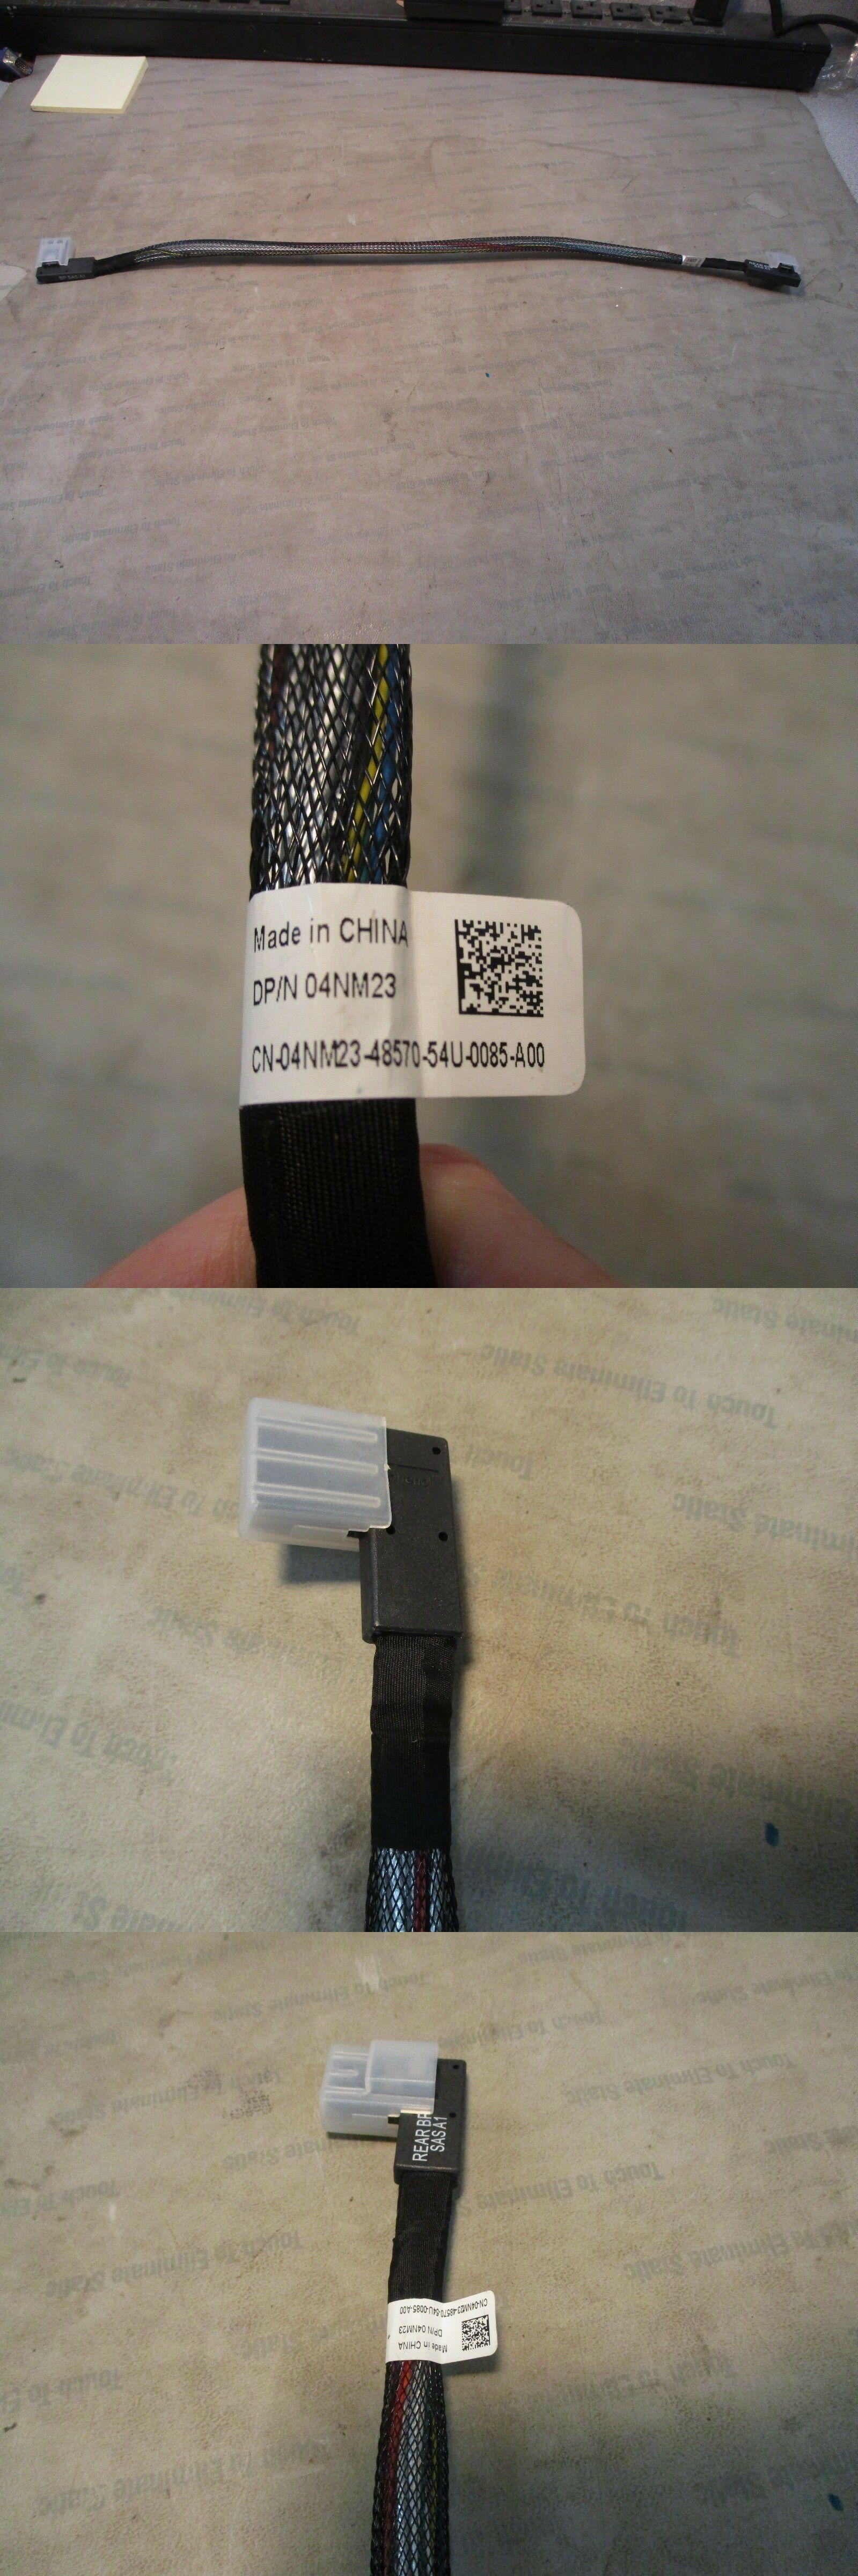 New Dell Poweredge R610 Mini Sas To Mini Sas Cable R720xd 4nm23 Cn 04nm23 Mini Sas Cable